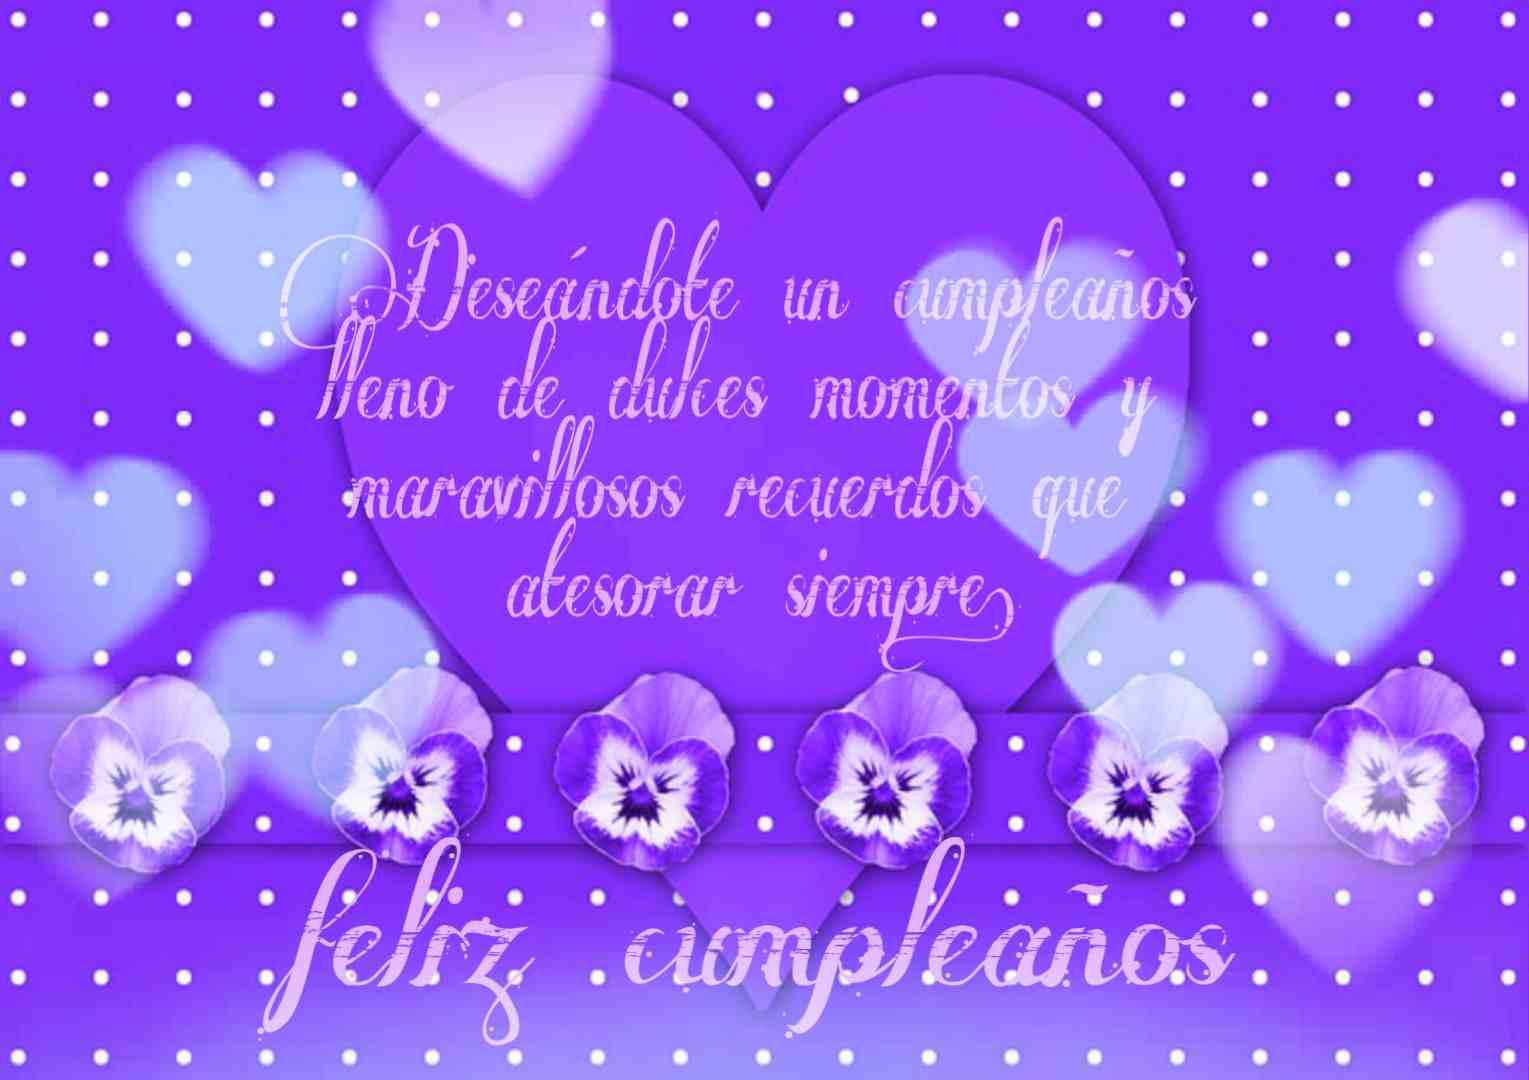 Feliz Cumpleanos Deseos de Feliz Cumpleaños [felicitaciones de cumpleaños]